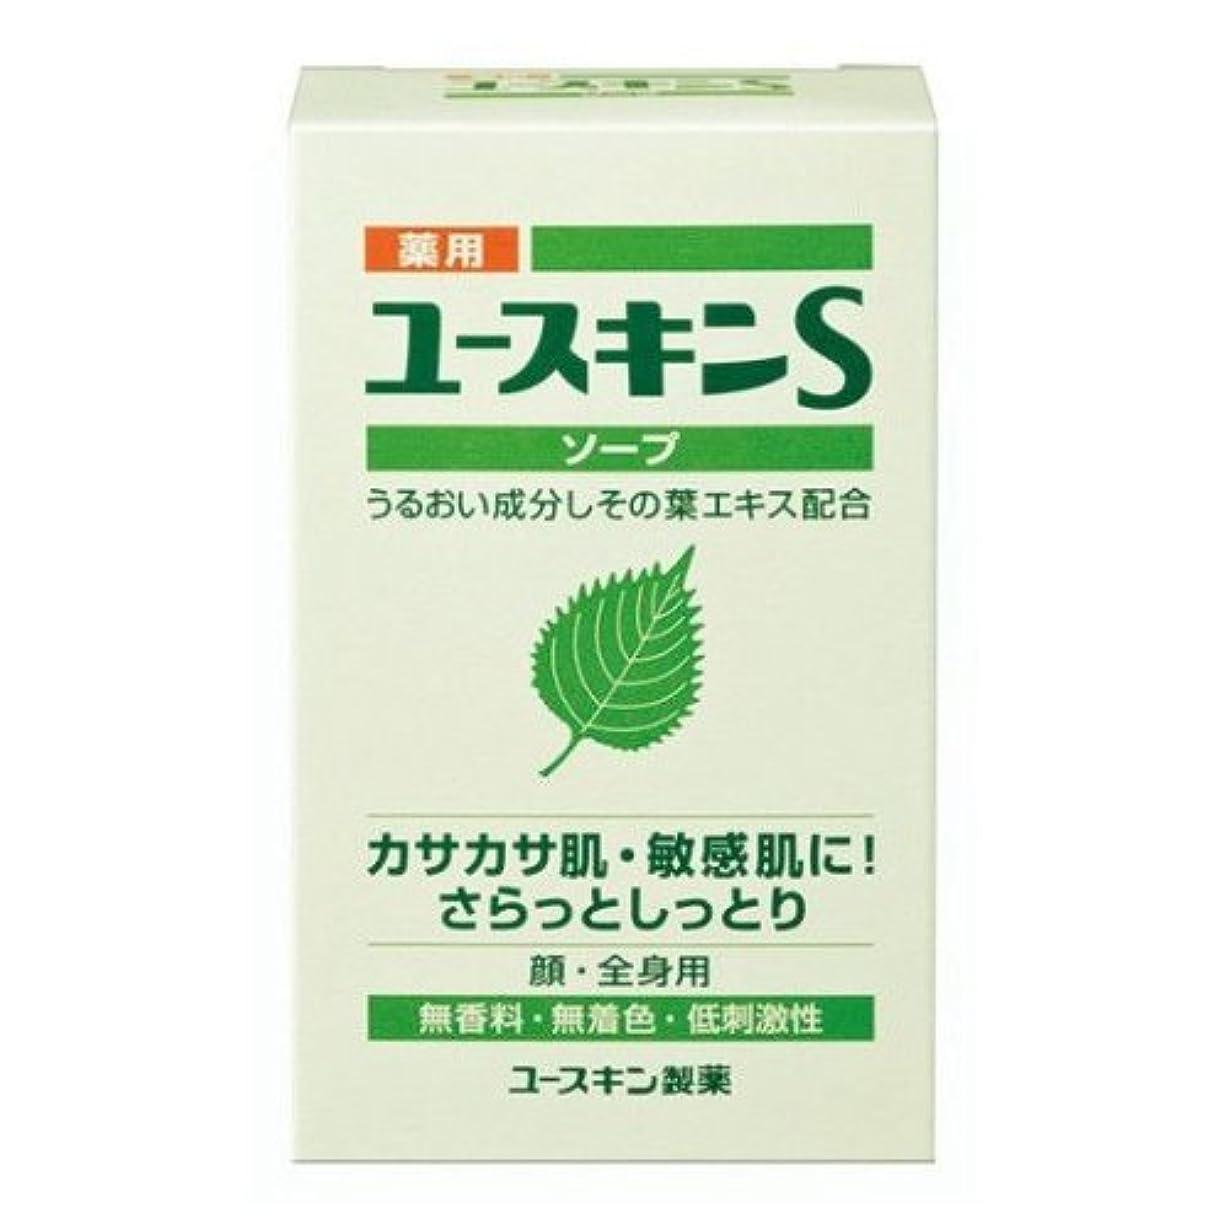 発揮する報復統計薬用ユースキンS ソープ 90g (敏感肌用 透明石鹸) 【医薬部外品】